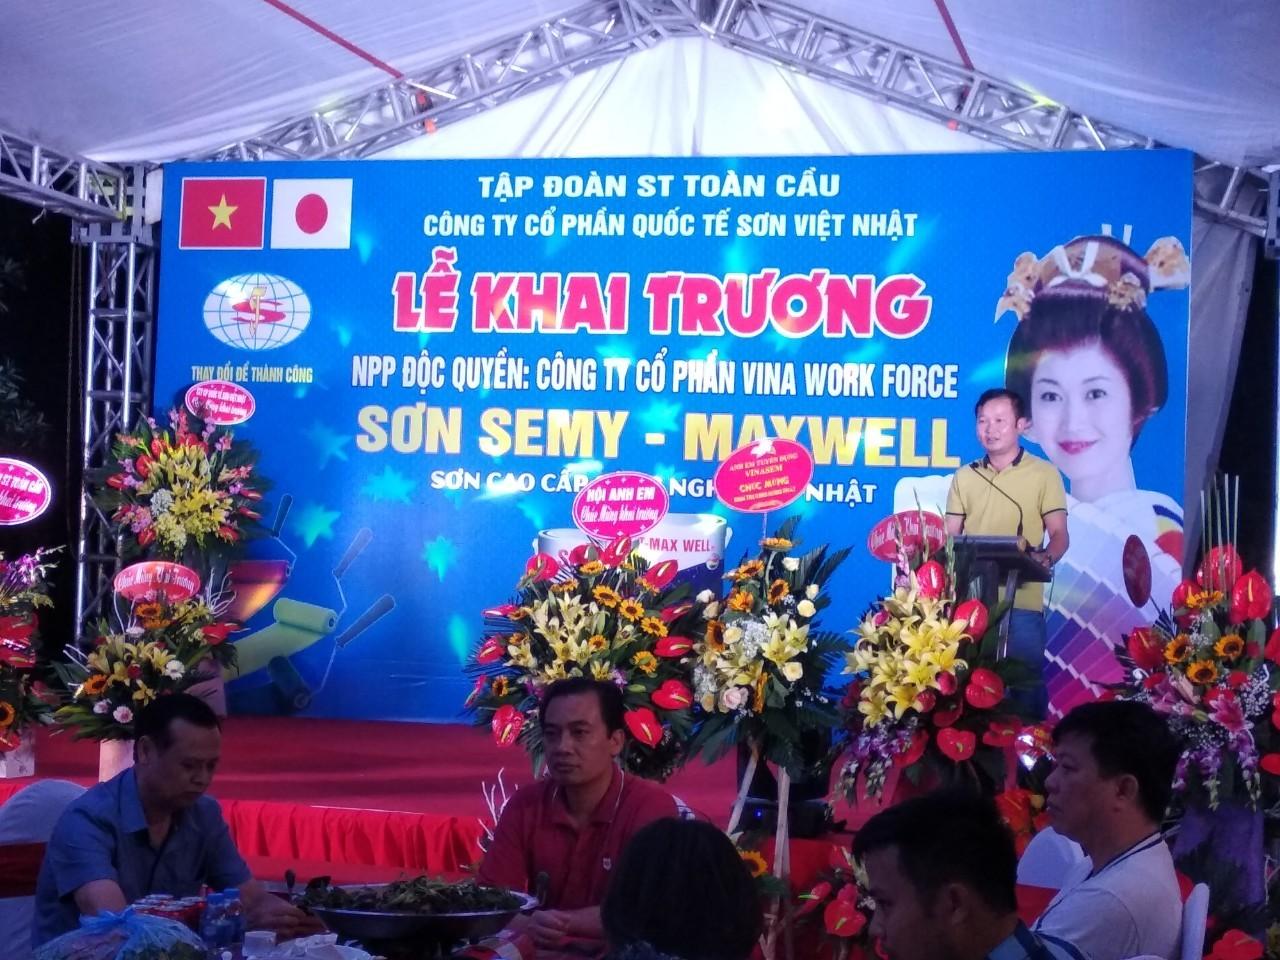 Sơn Việt Nhật - Đại lý cung cấp, phân phối Sơn Việt Nhật tại nhà Chị Mơ ở Sơn La